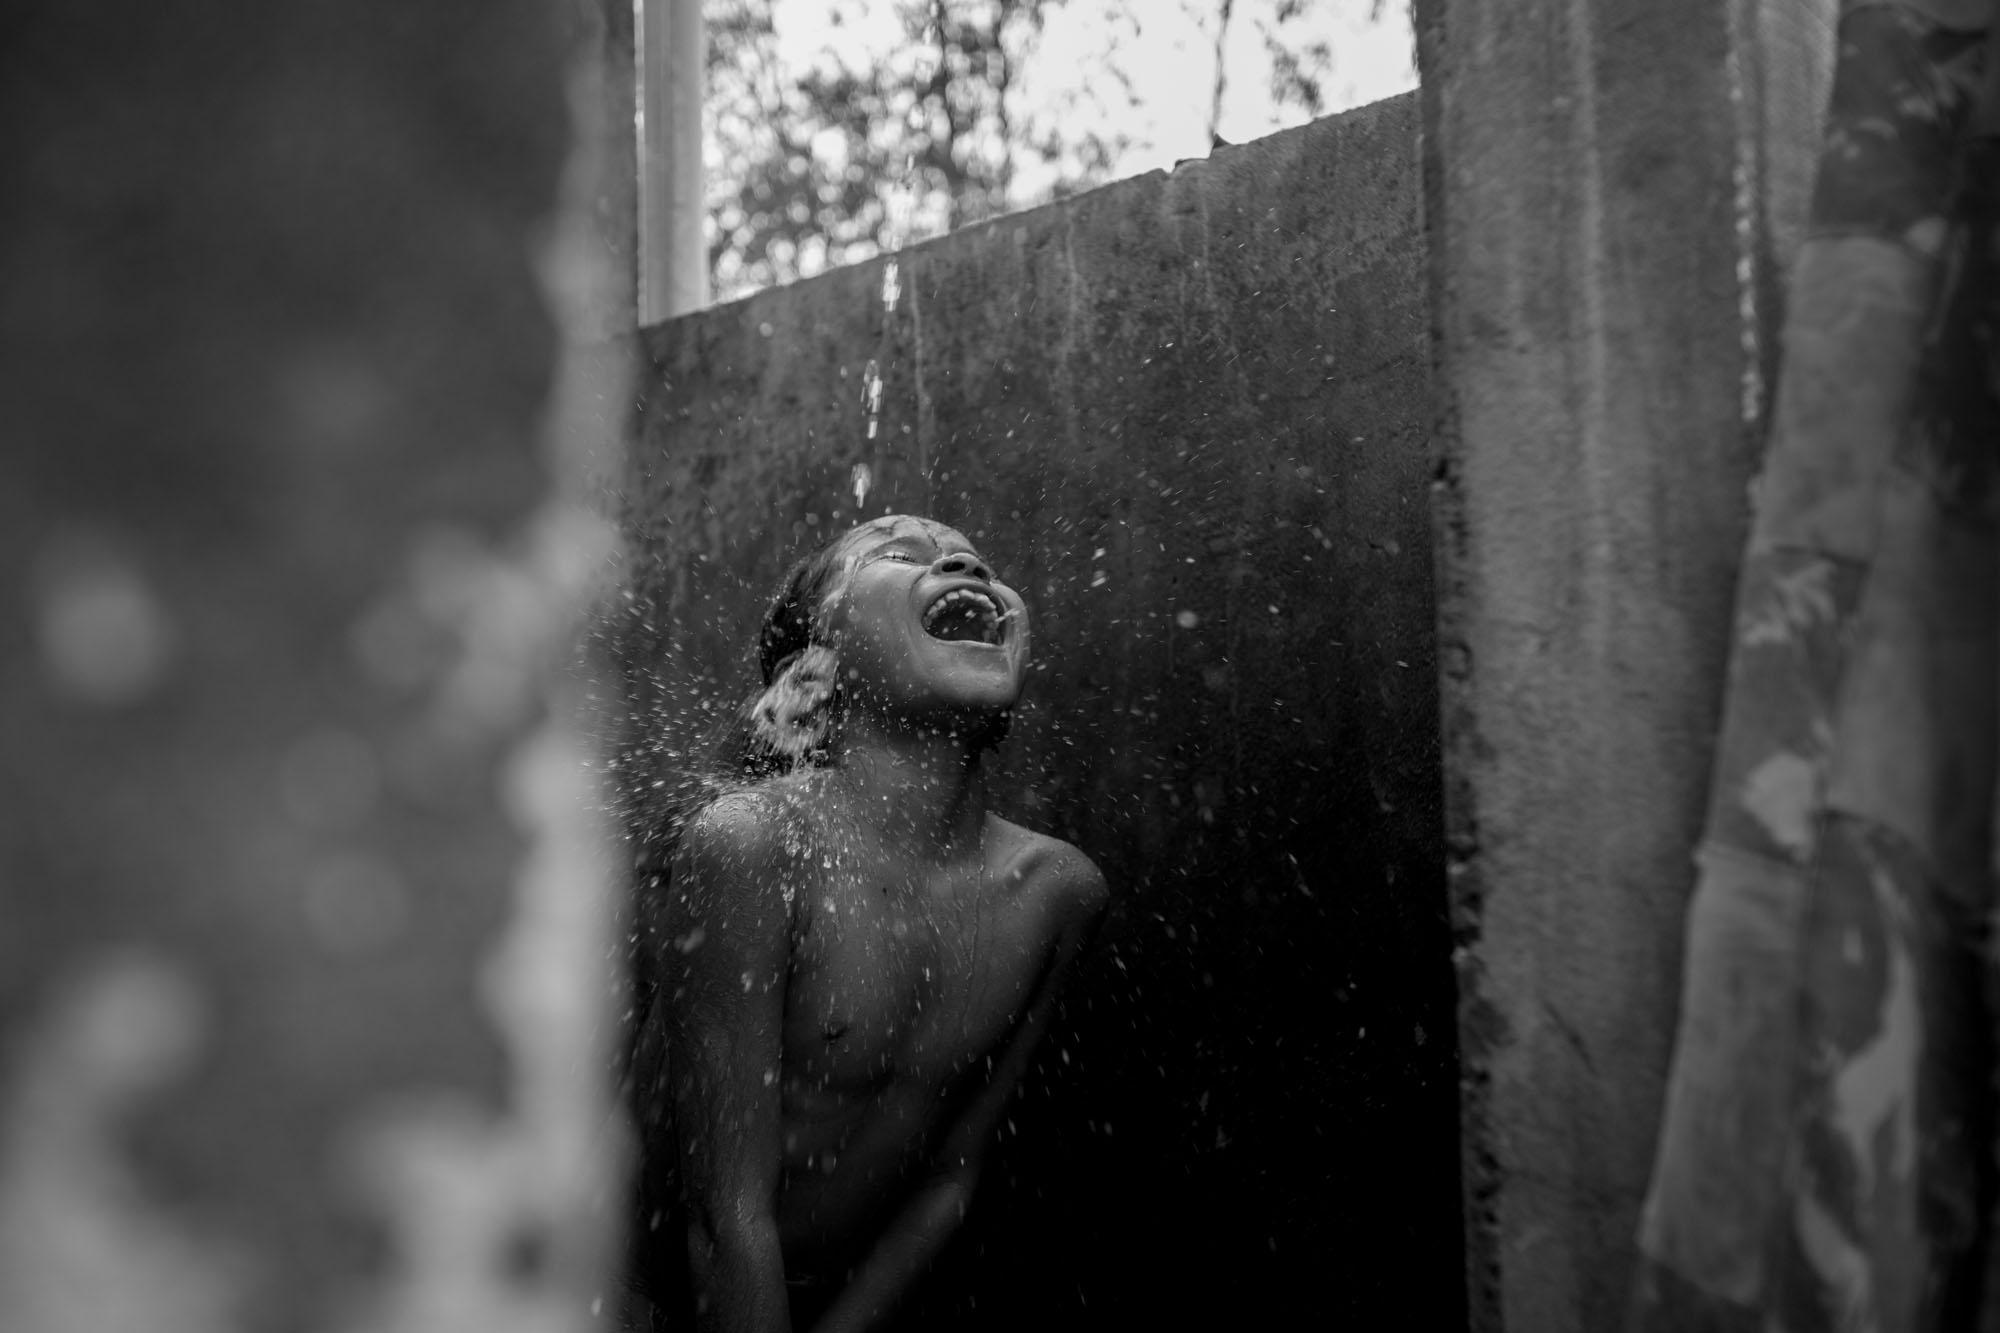 'Pseudo Indígenas' é premiada no festival de fotografia Les Rencontres d'Arles